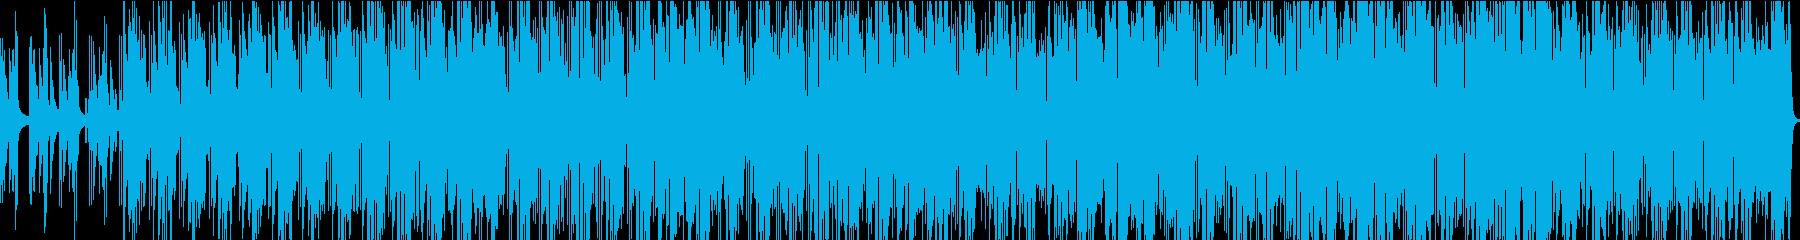 ノリの良いキーボードとサックスの曲の再生済みの波形